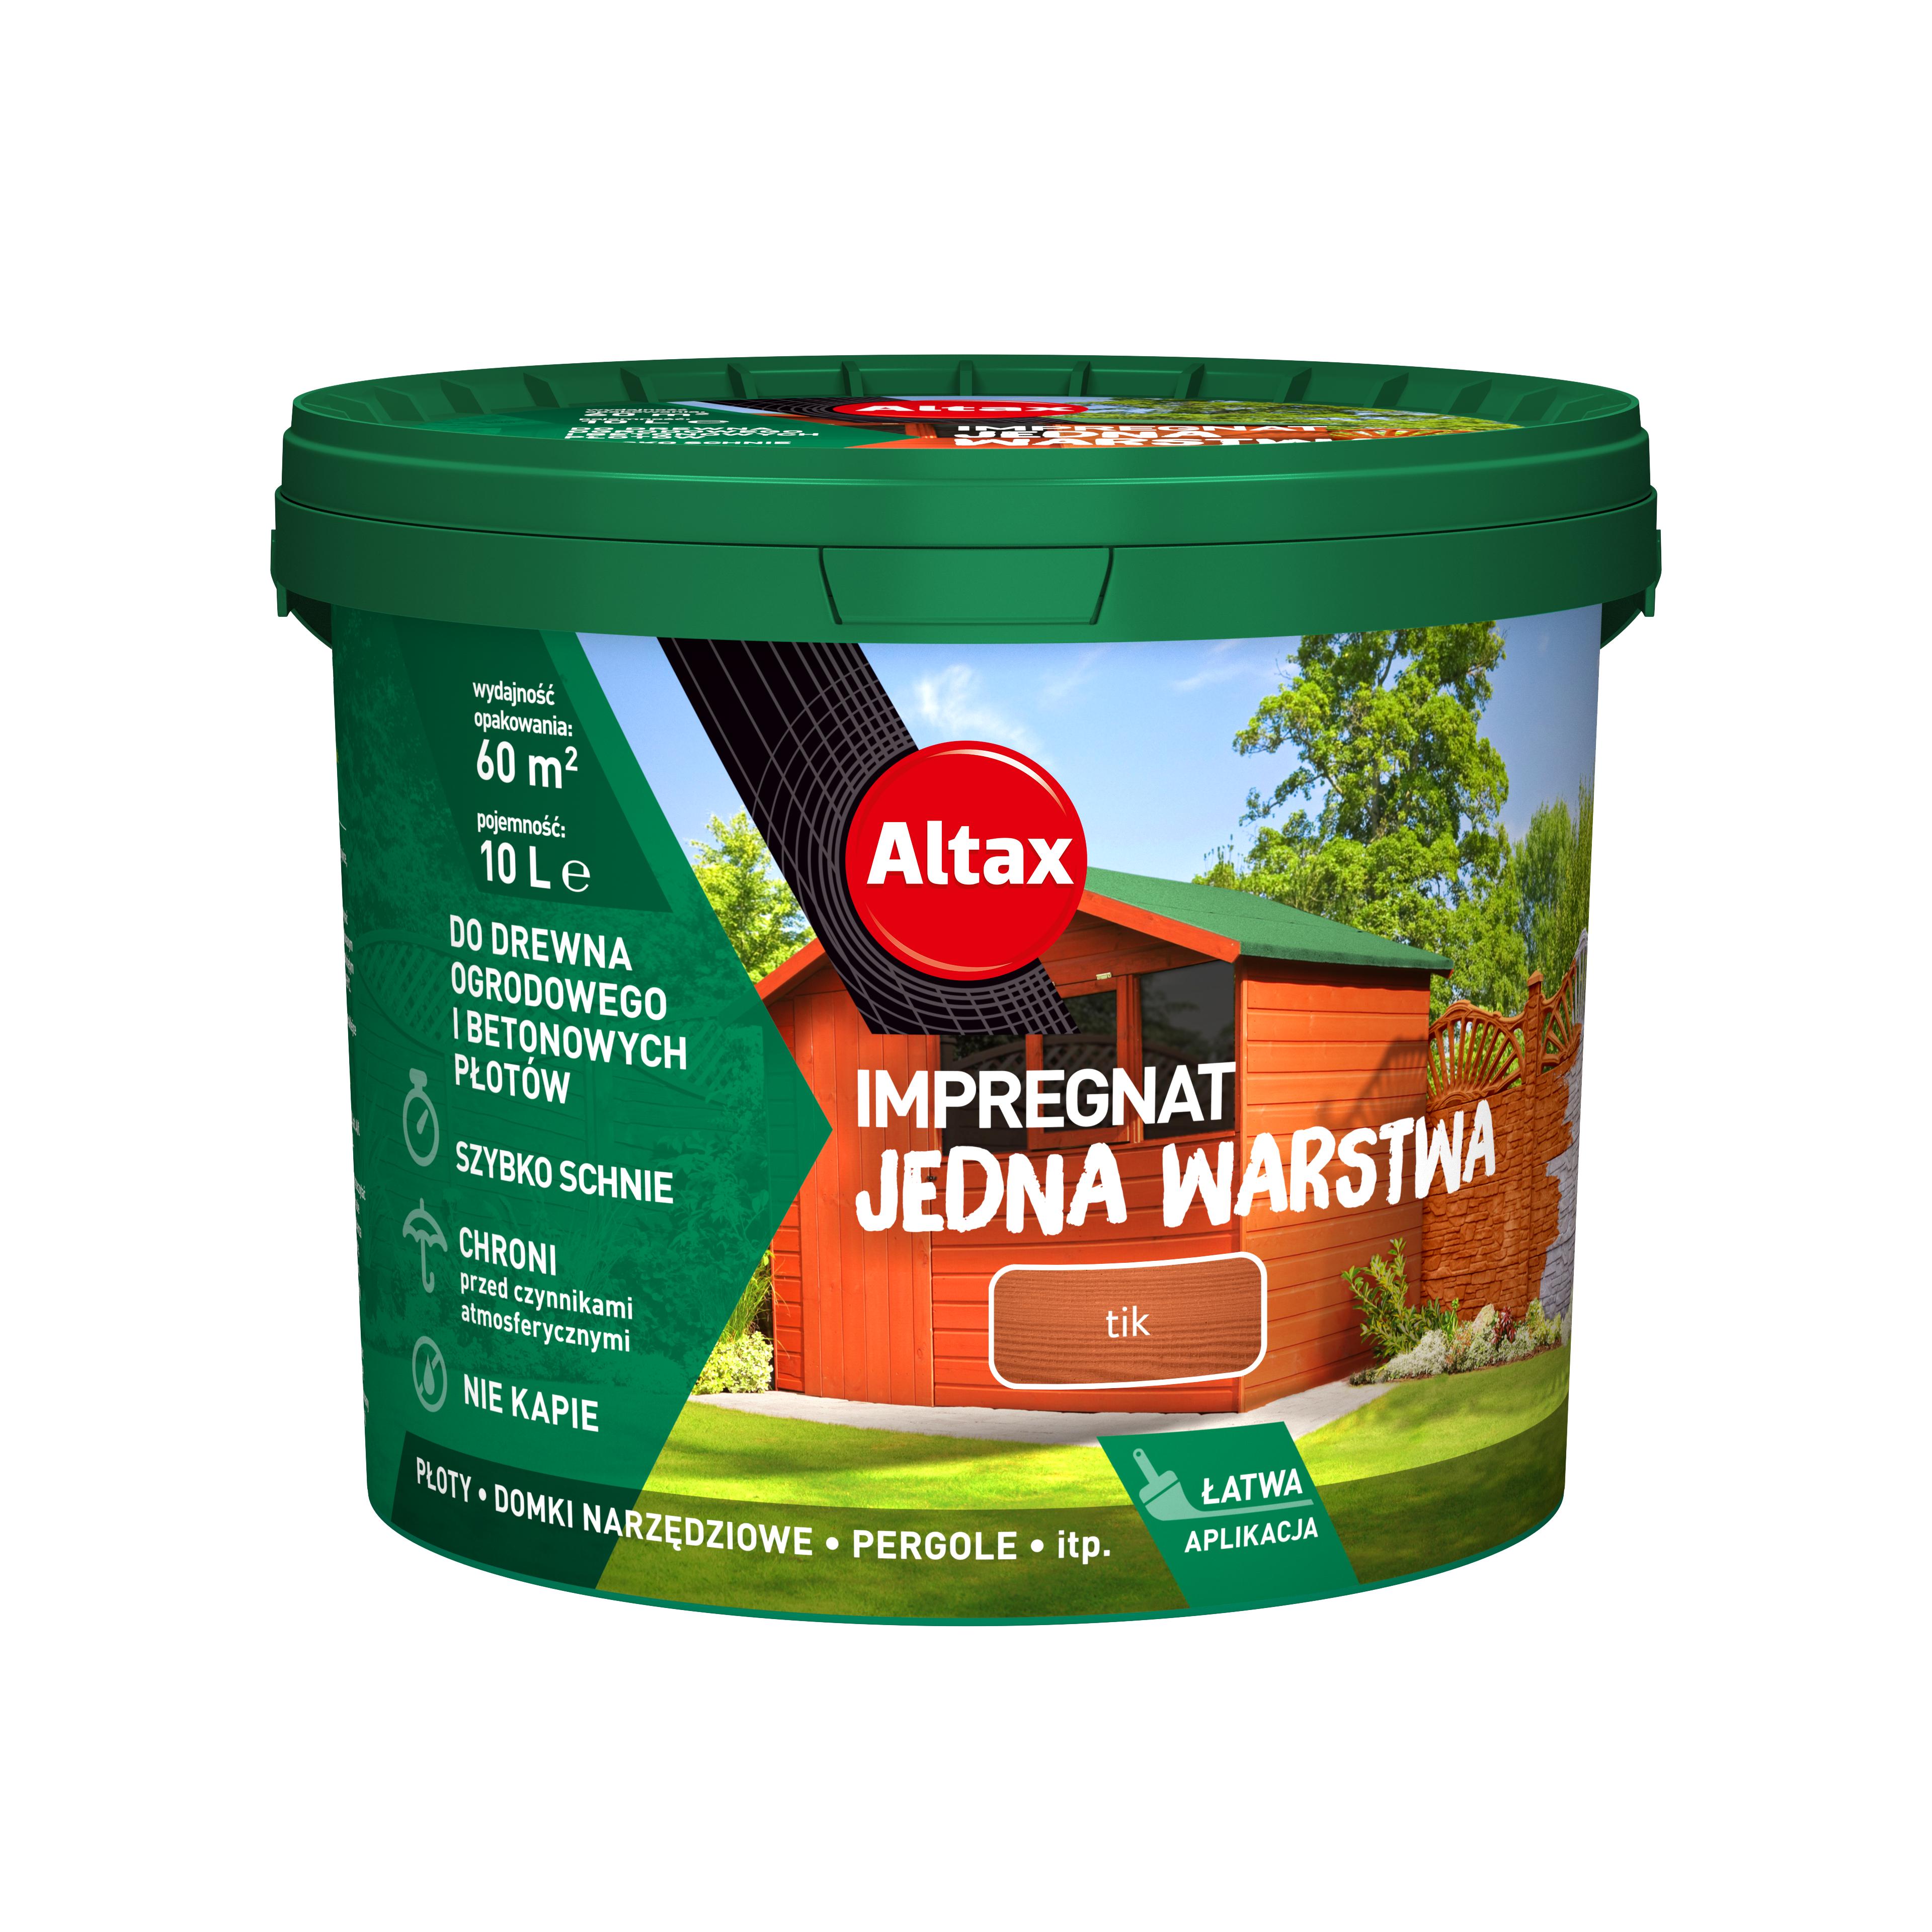 Altax Impregnat Do Drewna Ogrodowego Jedna Warstwa 10L Tik